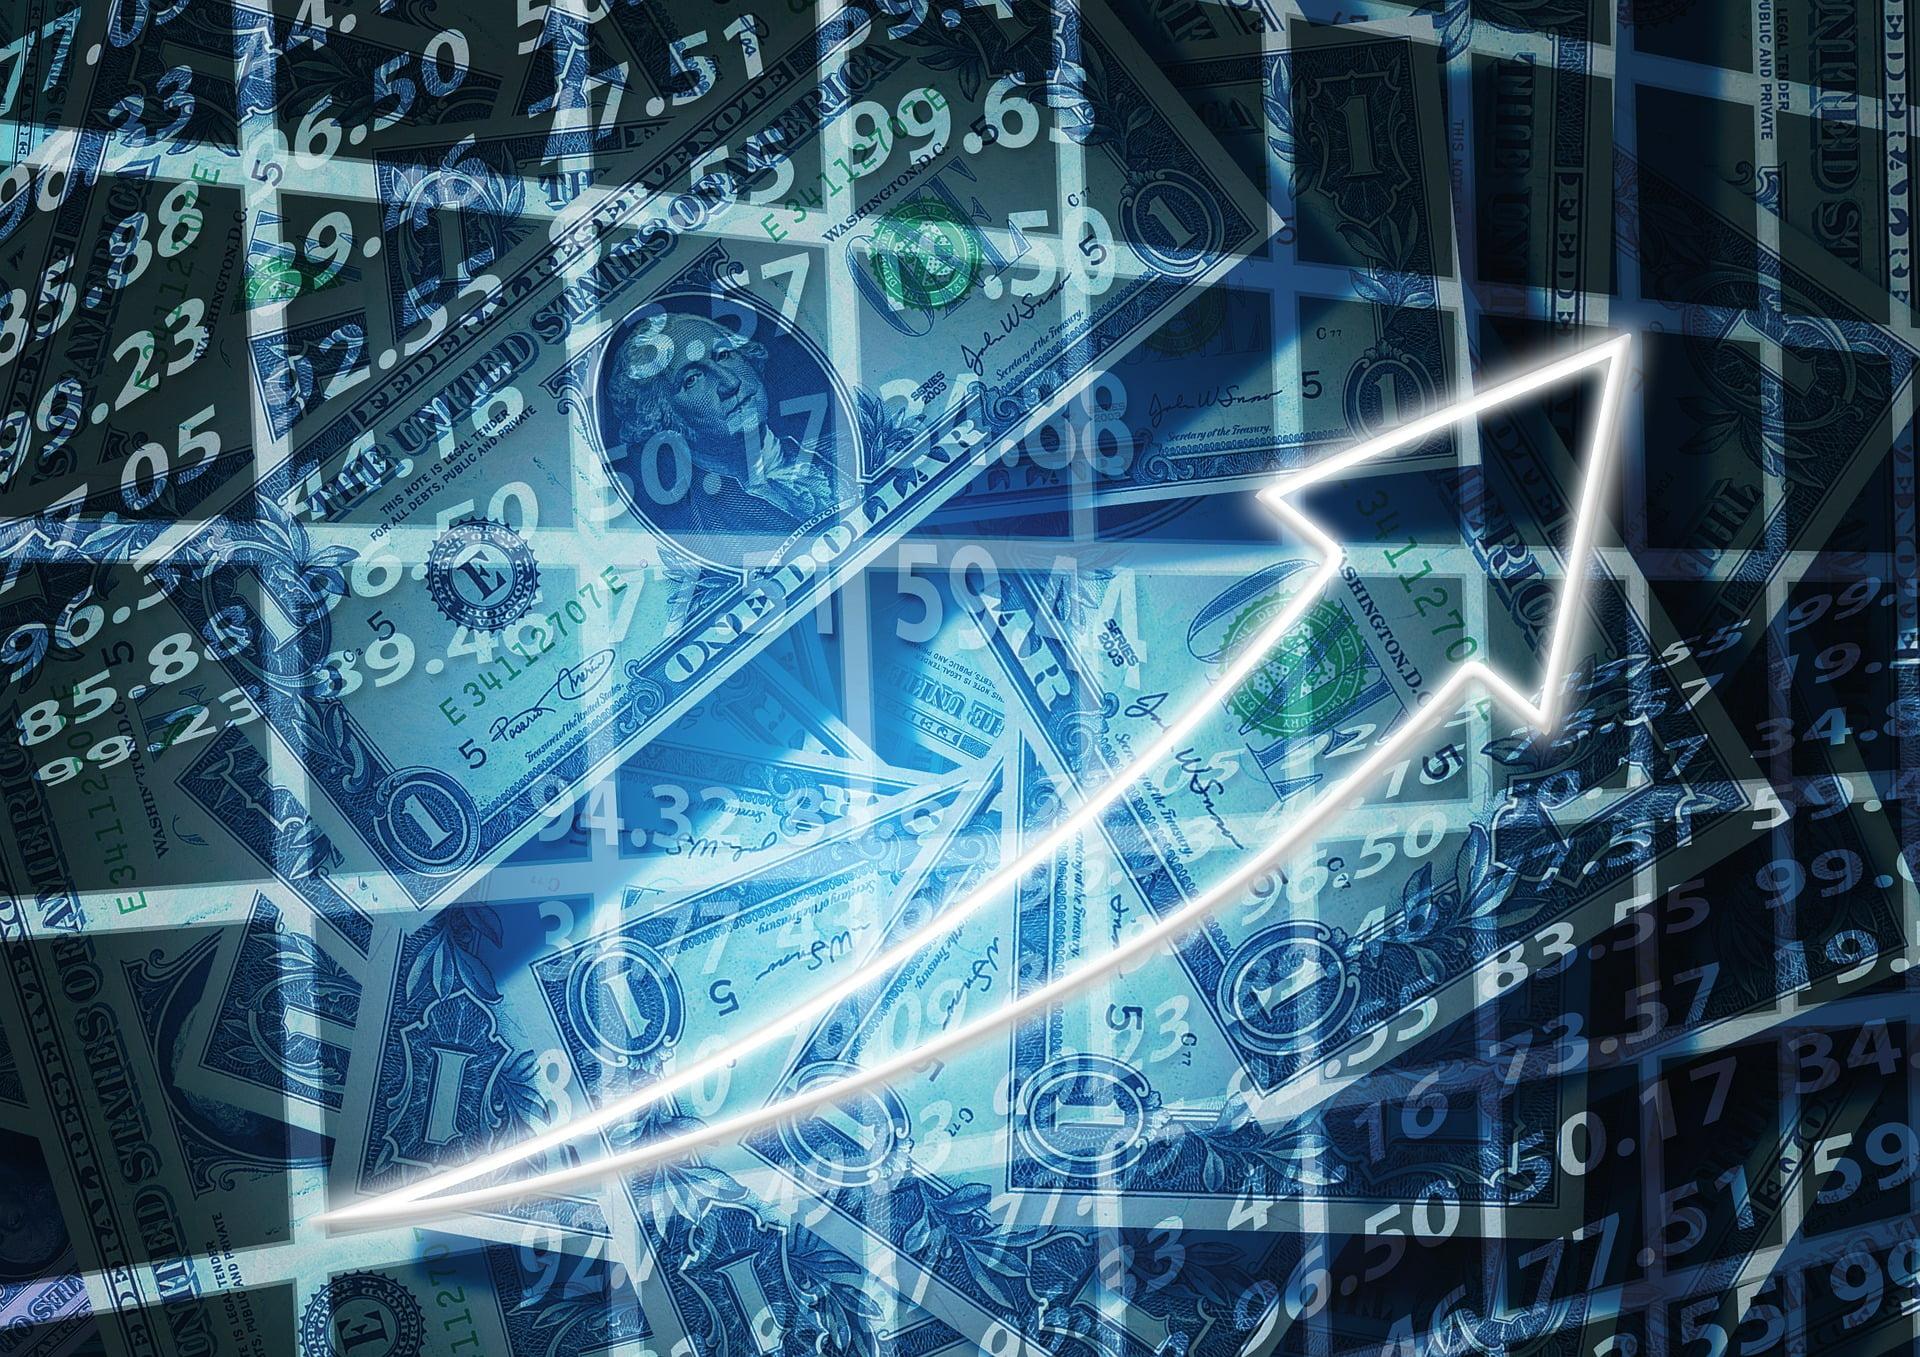 Mike Kayamori: BTC osiągnie nowe ATH do końca 2019 r.